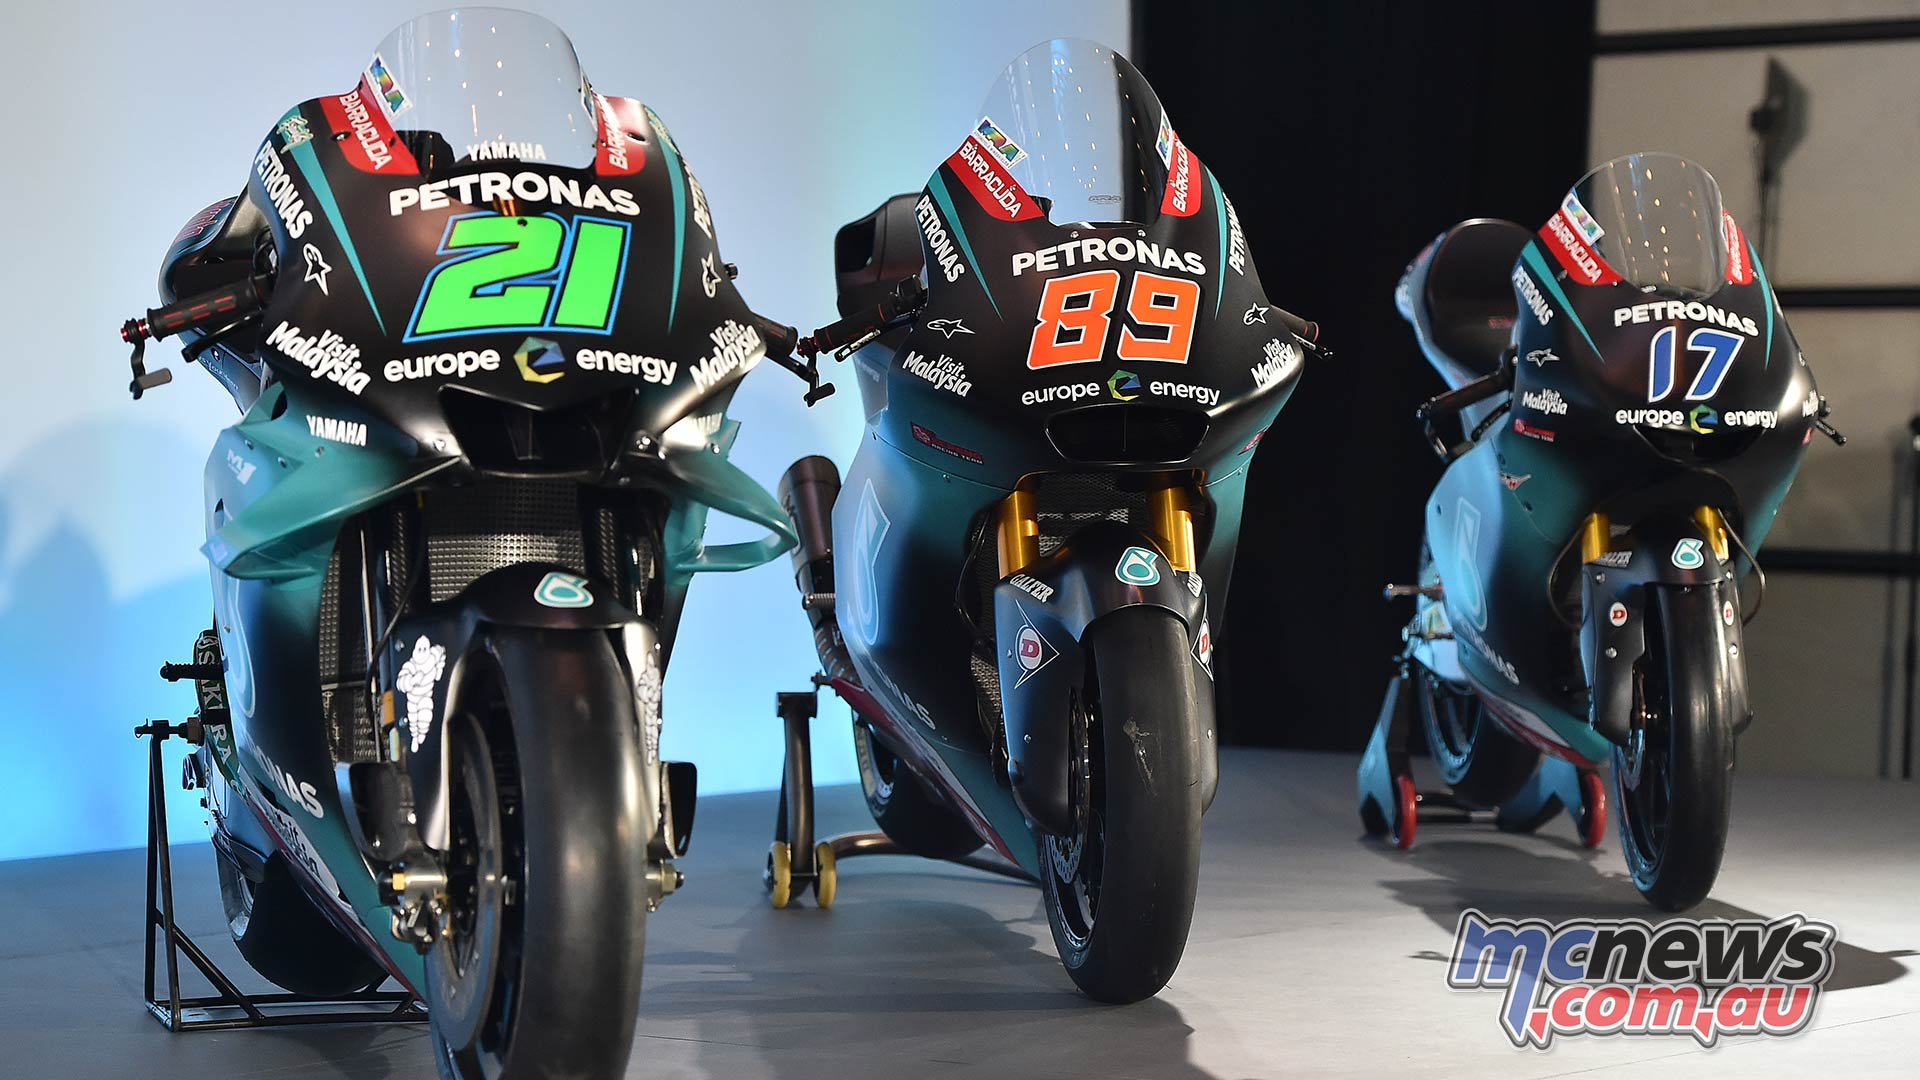 Petronas Yamaha Sepang Motogp Racing Team Launched Motorcycle News Sport And Reviews